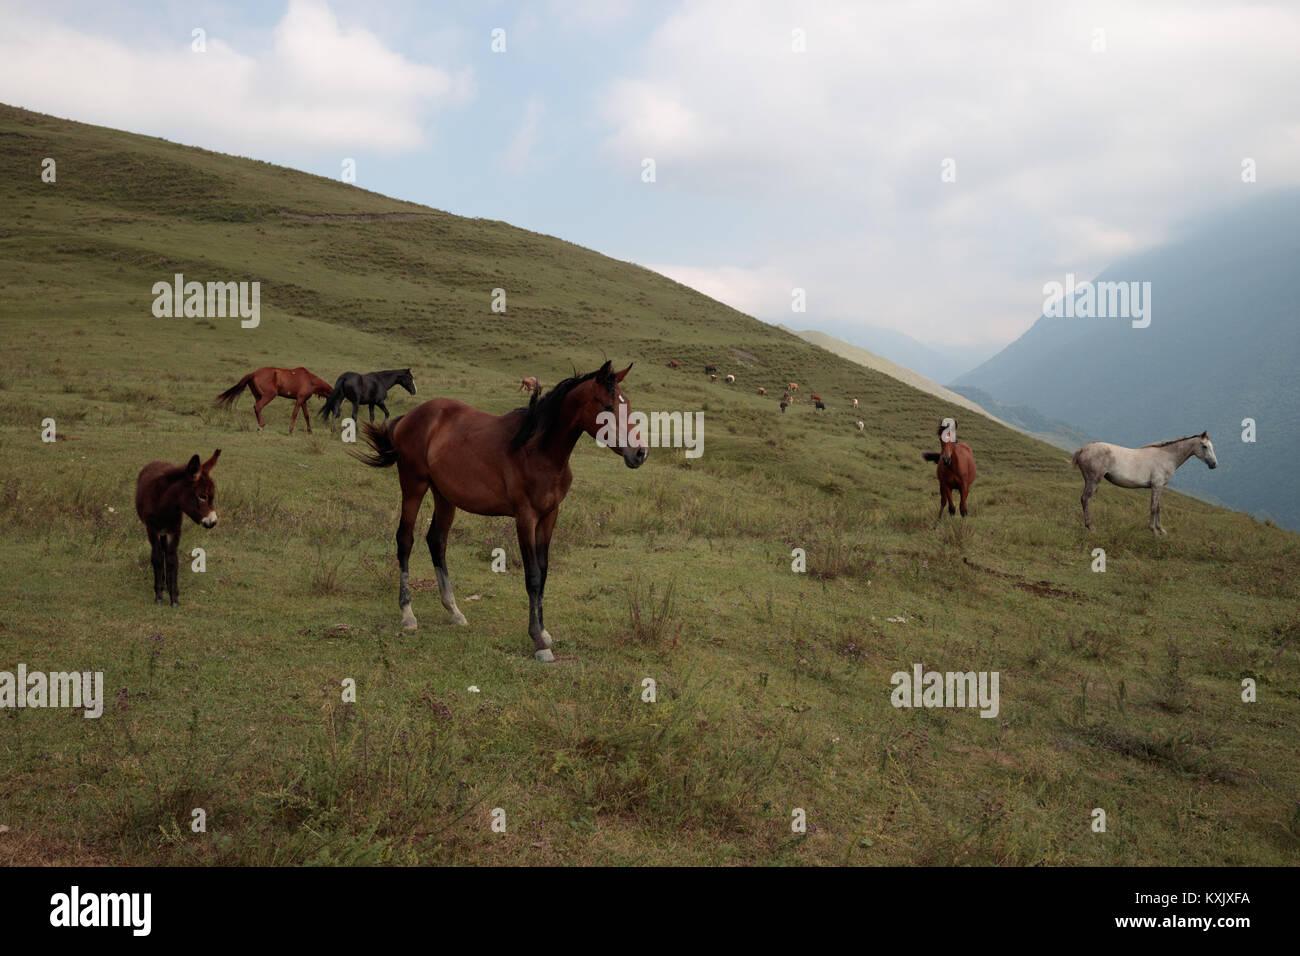 Mustang horses in Ingushetia mountains, free-roaming horses in North Caucasus - Stock Image